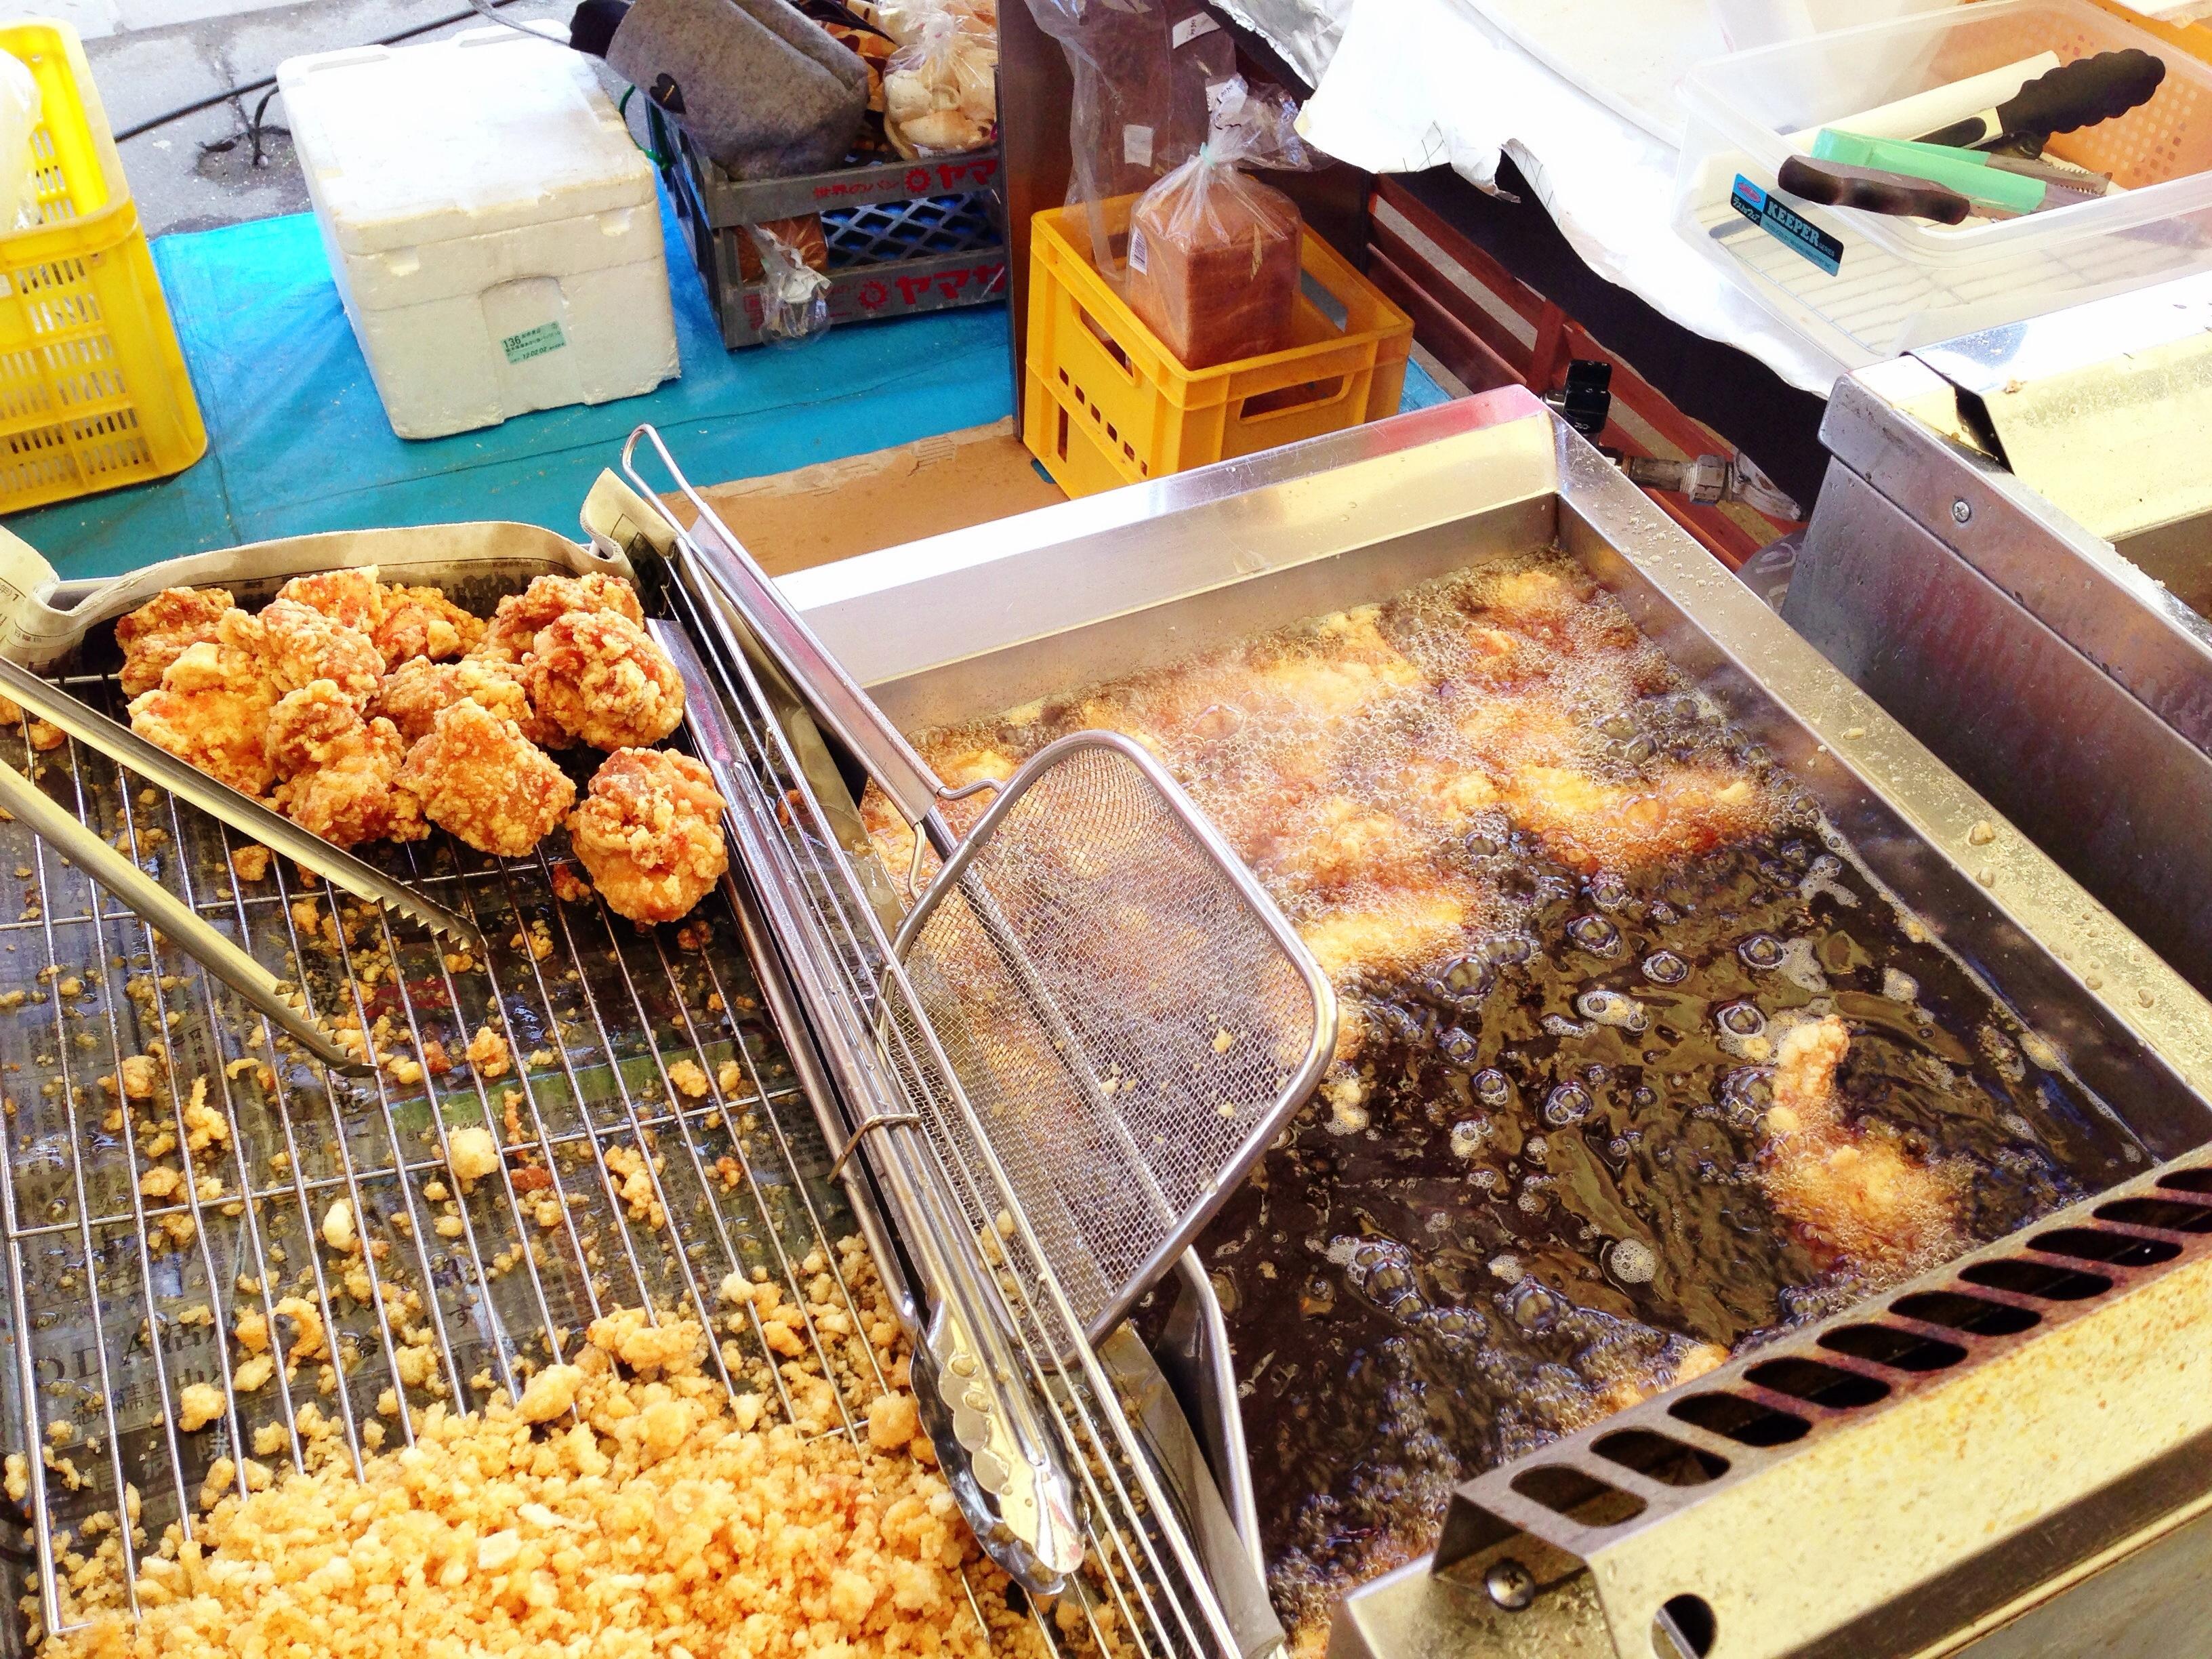 【糸島】伊都菜彩の「第13回食べてんしゃい広場」で食べた唐揚げがジューシーで激ウマだった!